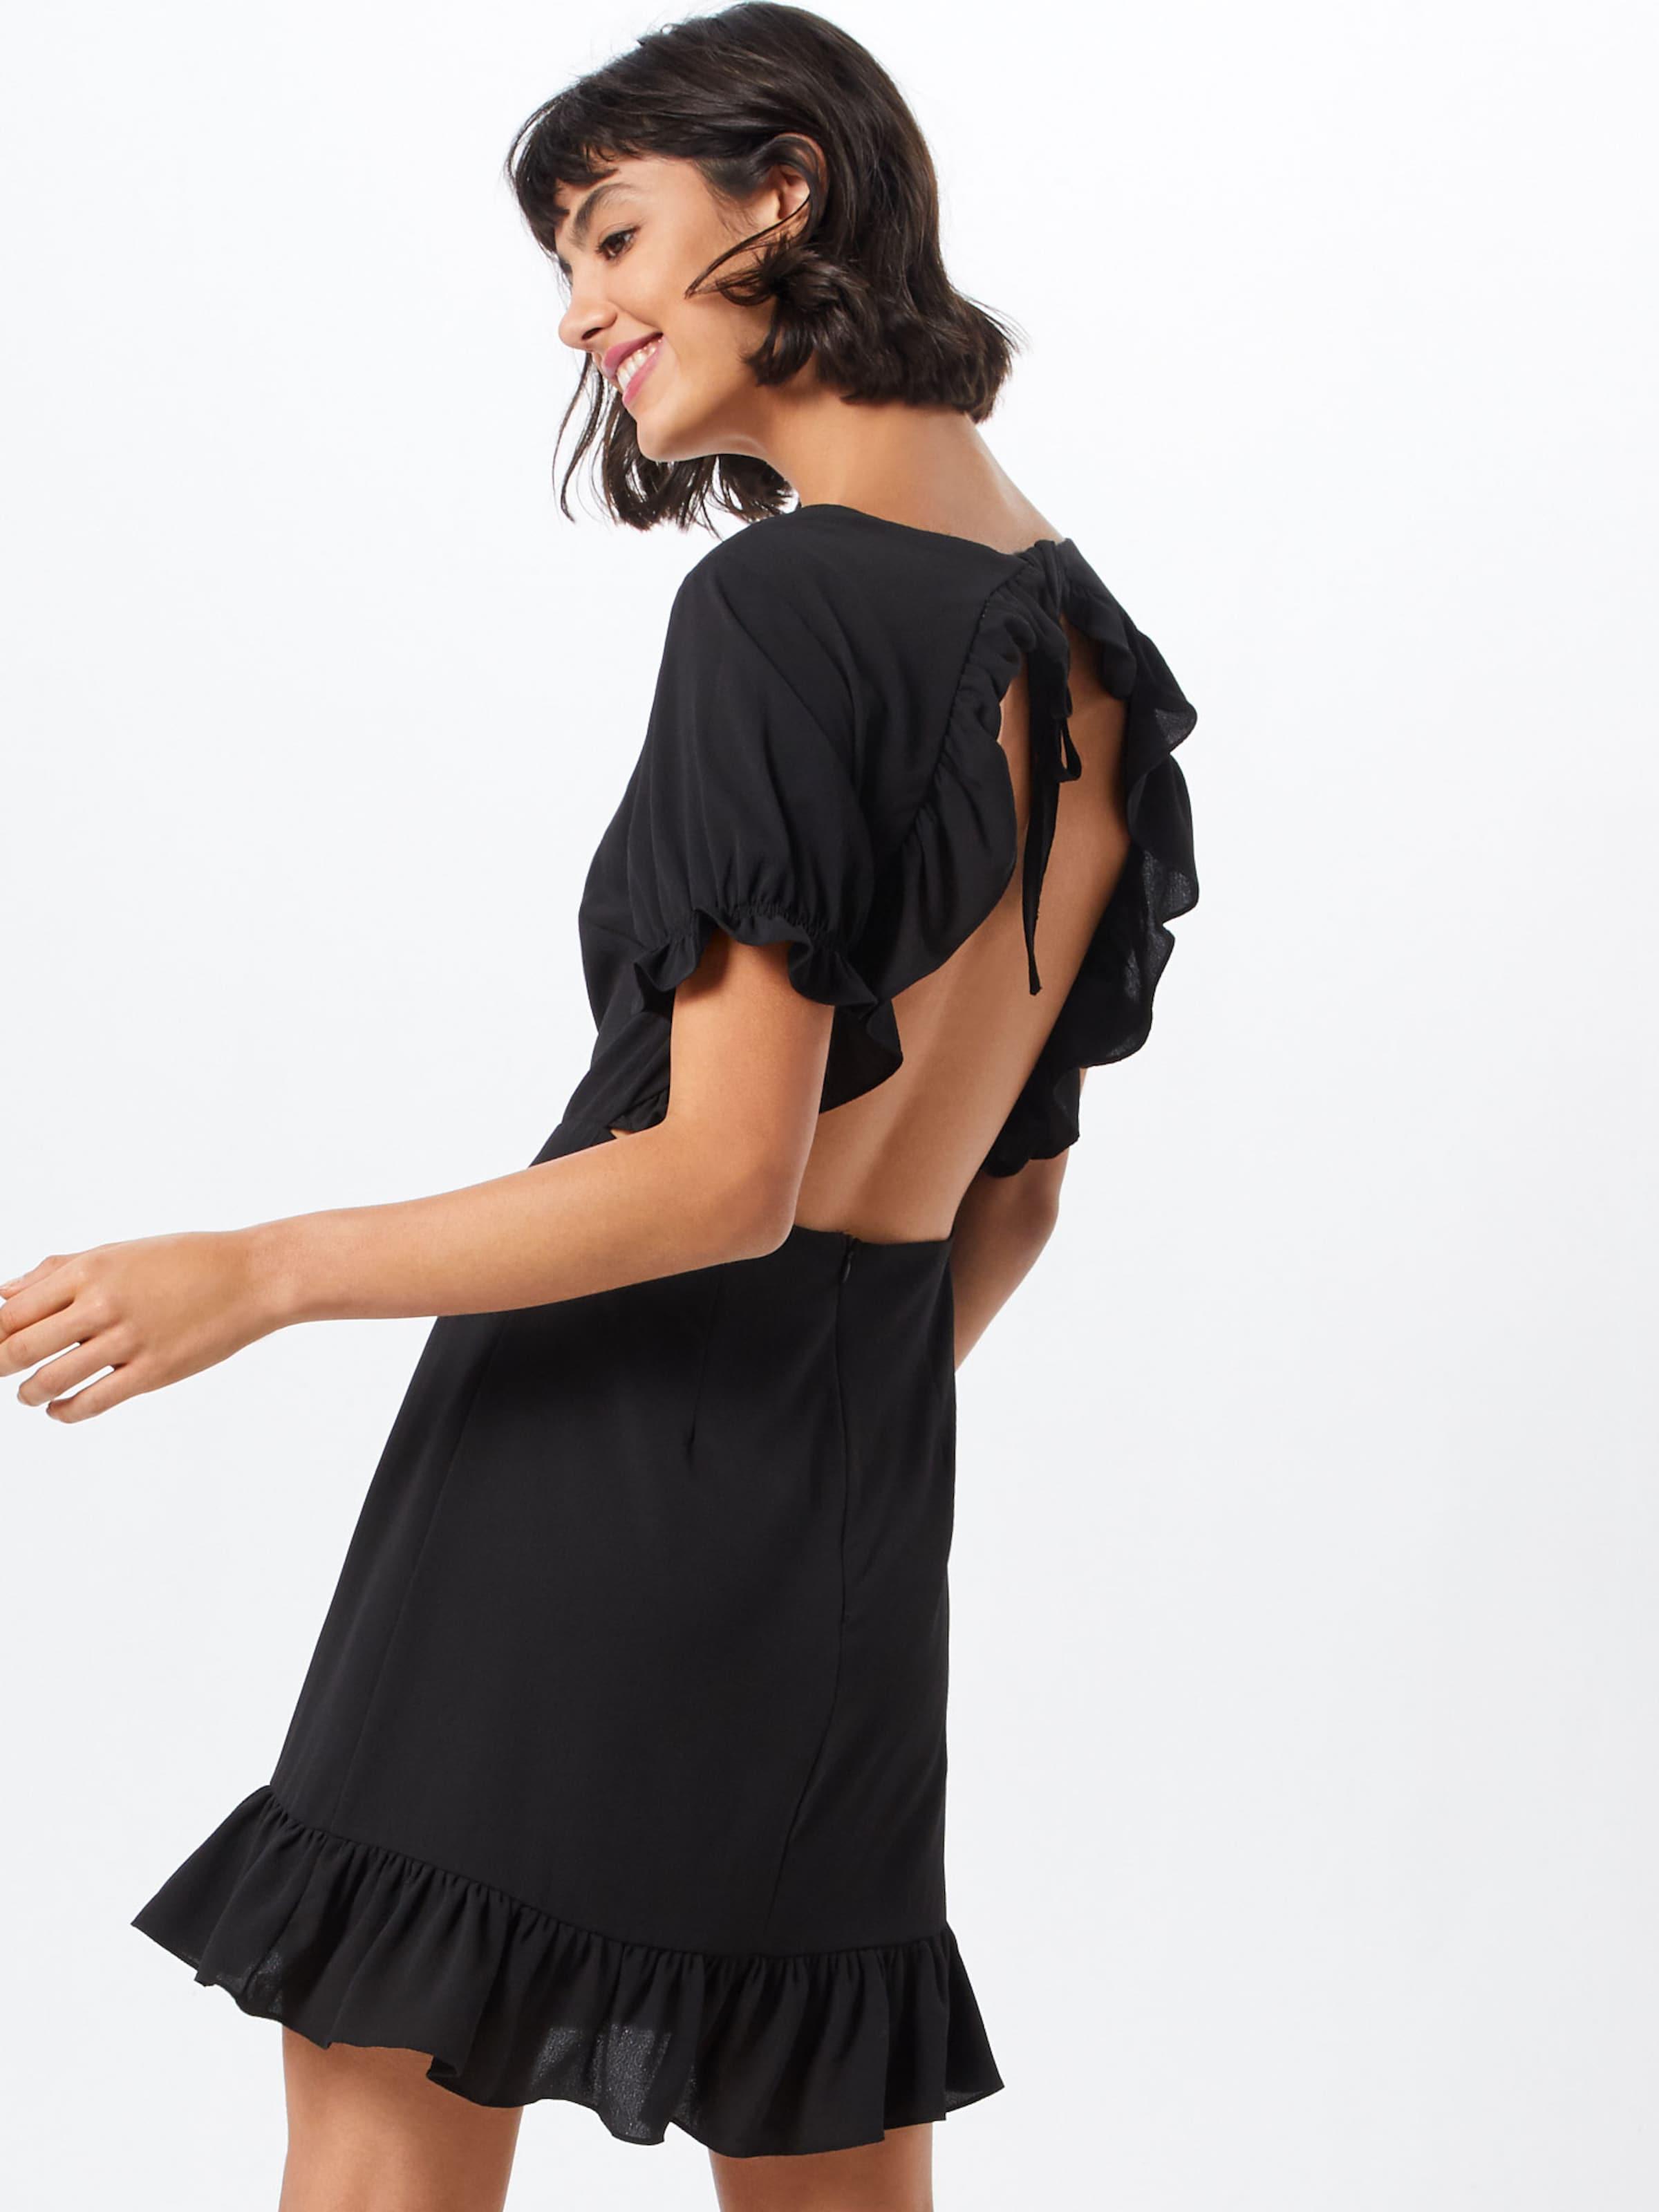 Glamorous In Glamorous Kleid Kleid Schwarz 'ea0166' 'ea0166' In 6fy7gvIbmY